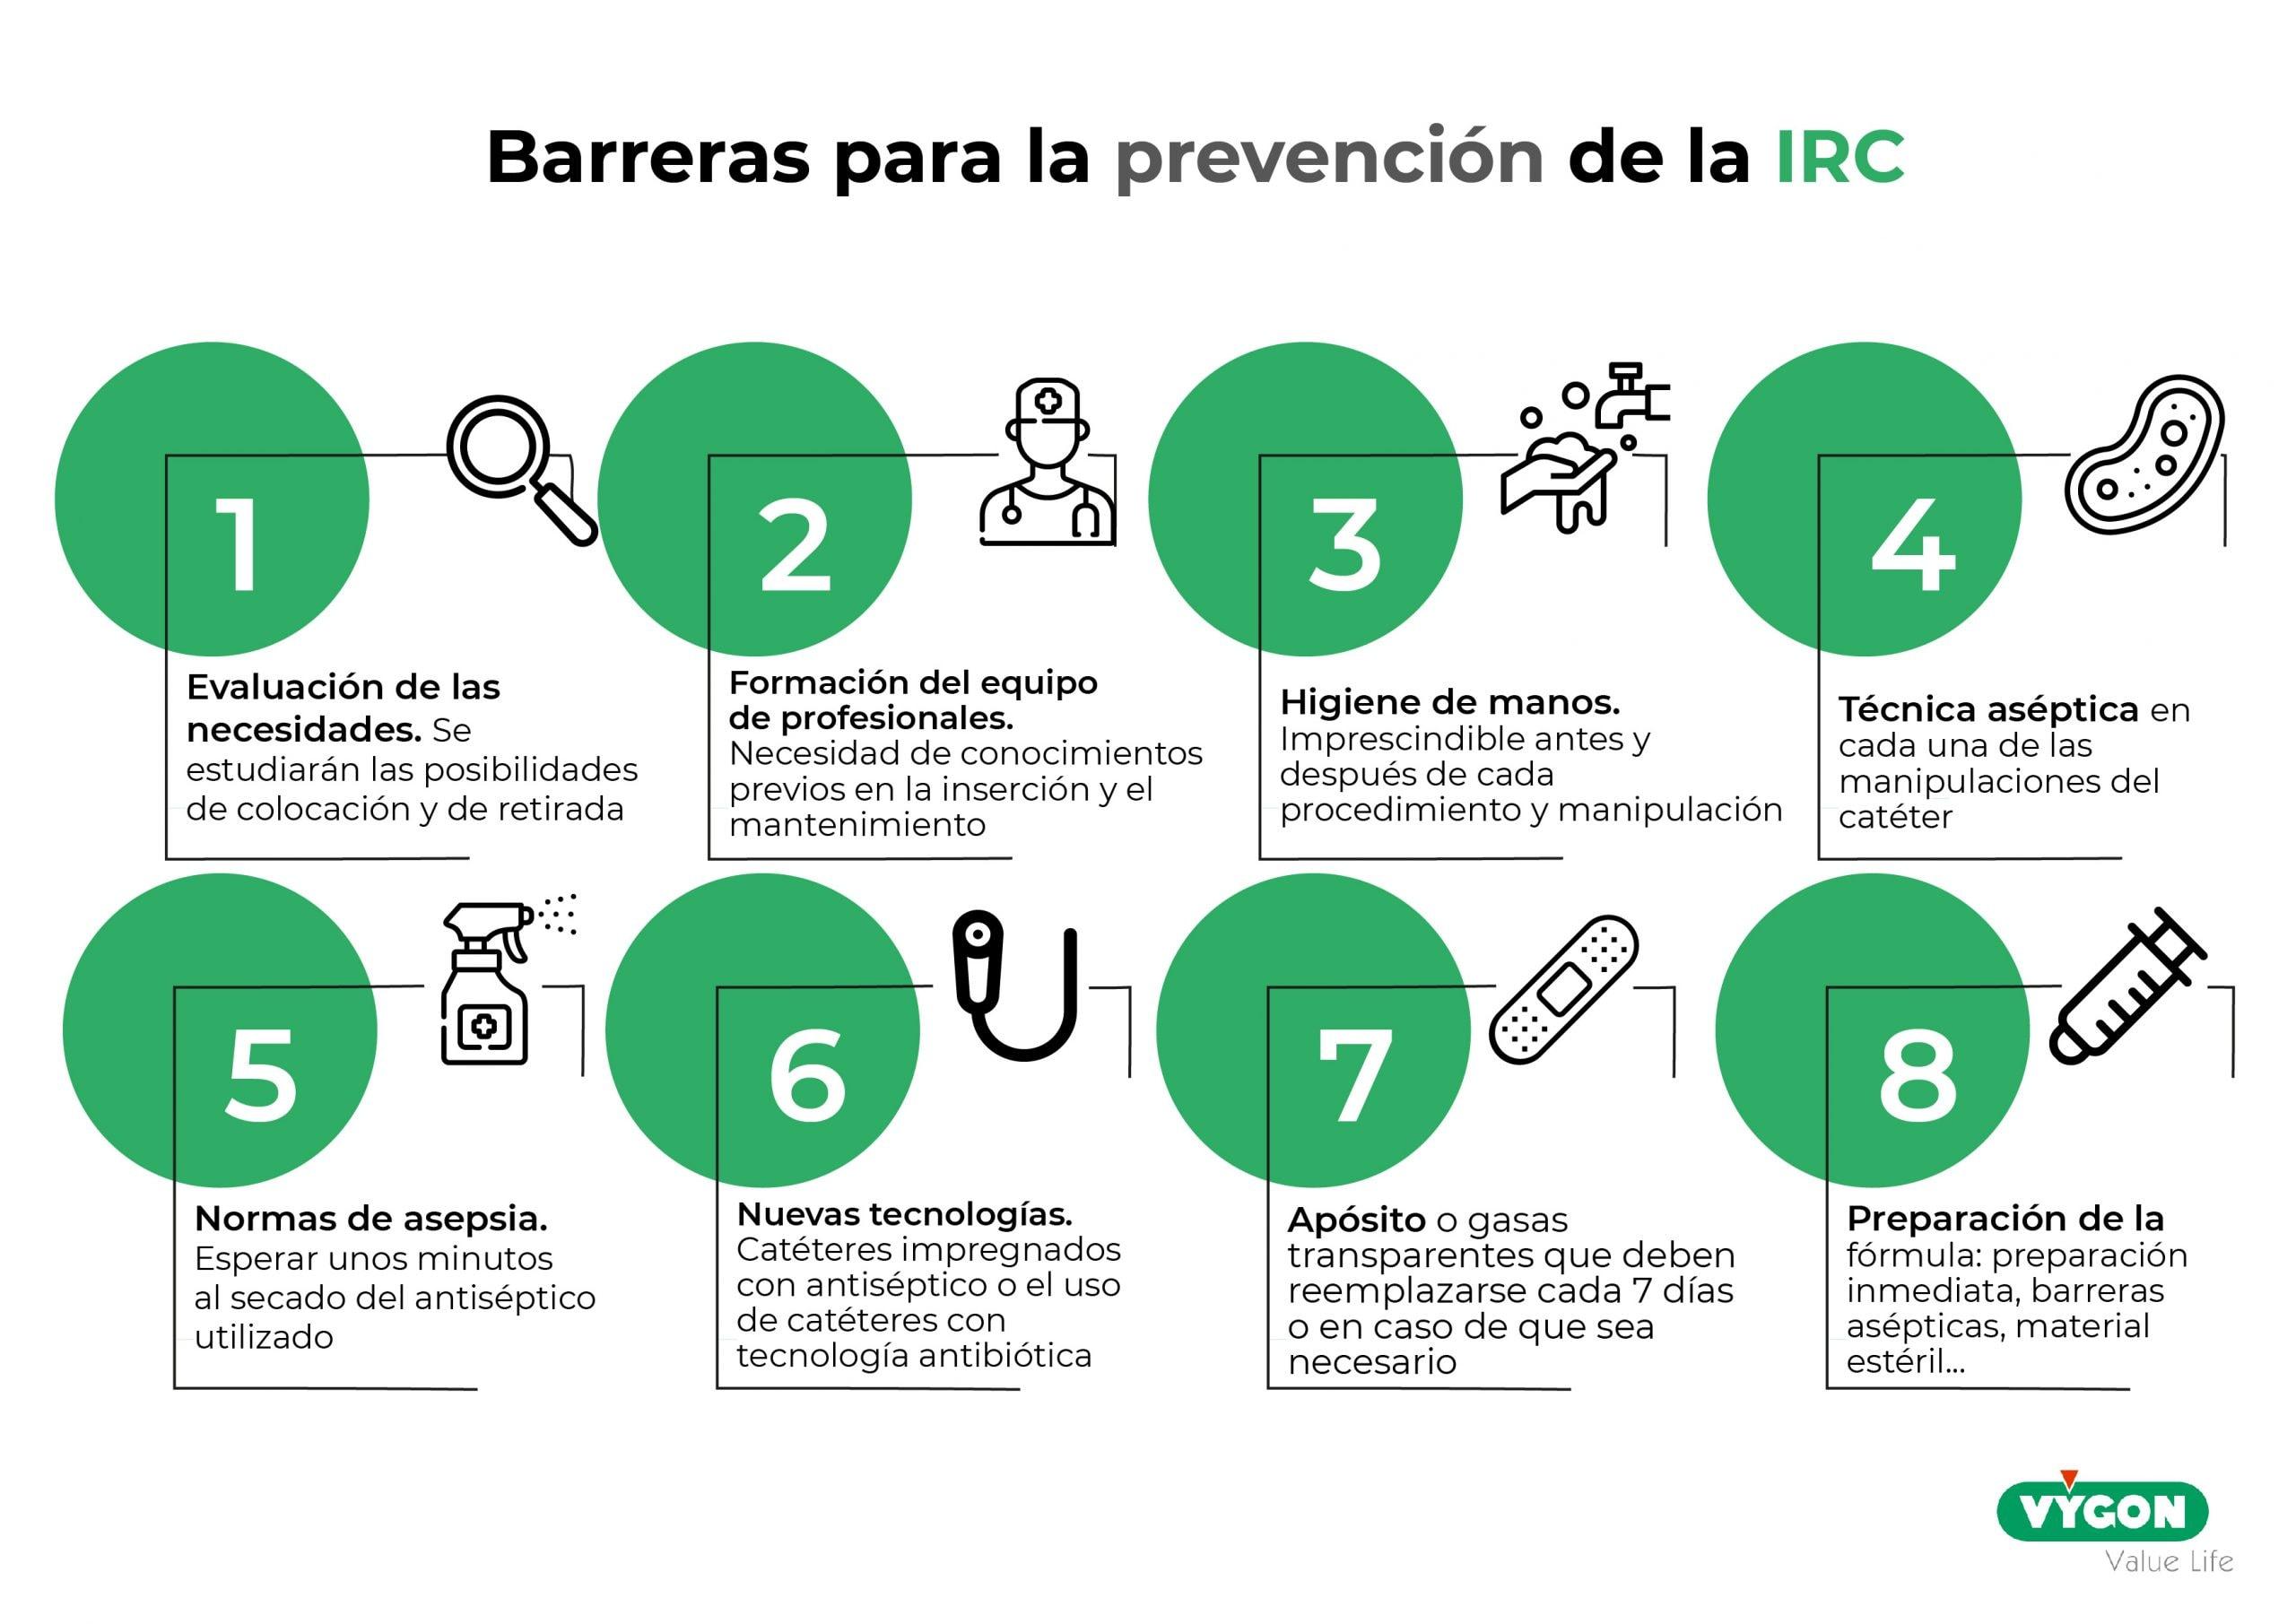 Barreras de prevención de la IRC